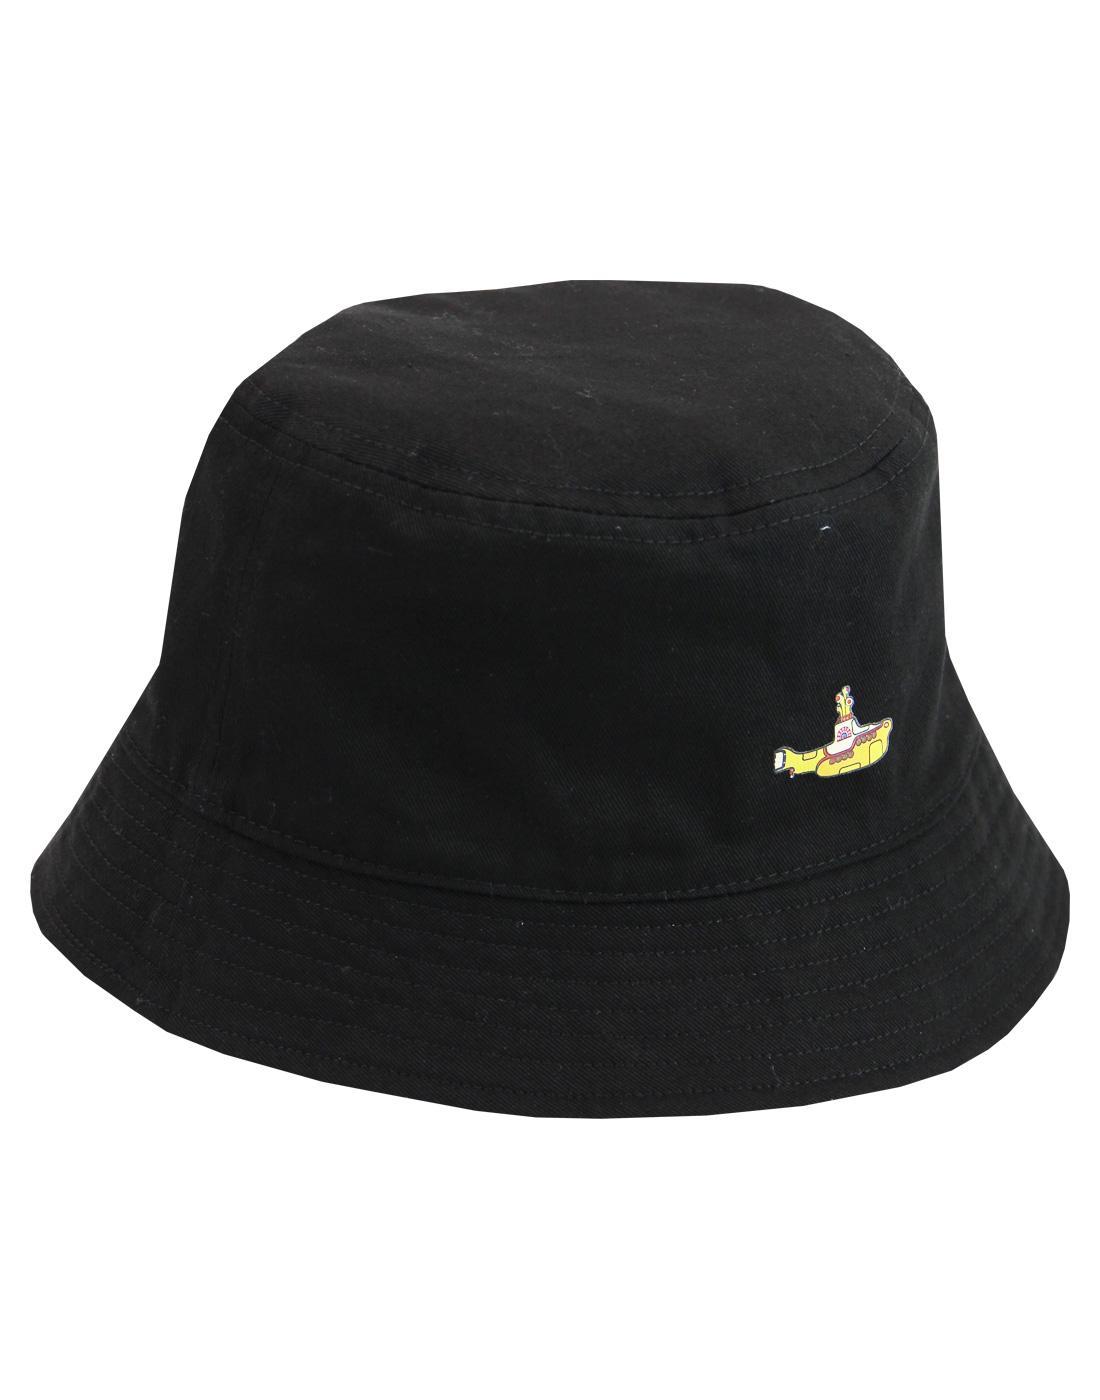 ... buy popular d8f7f 2e1e7 PRETTY GREEN x THE BEATLES Sea Of Holes Bucket  Hat ... cb0275d17c5